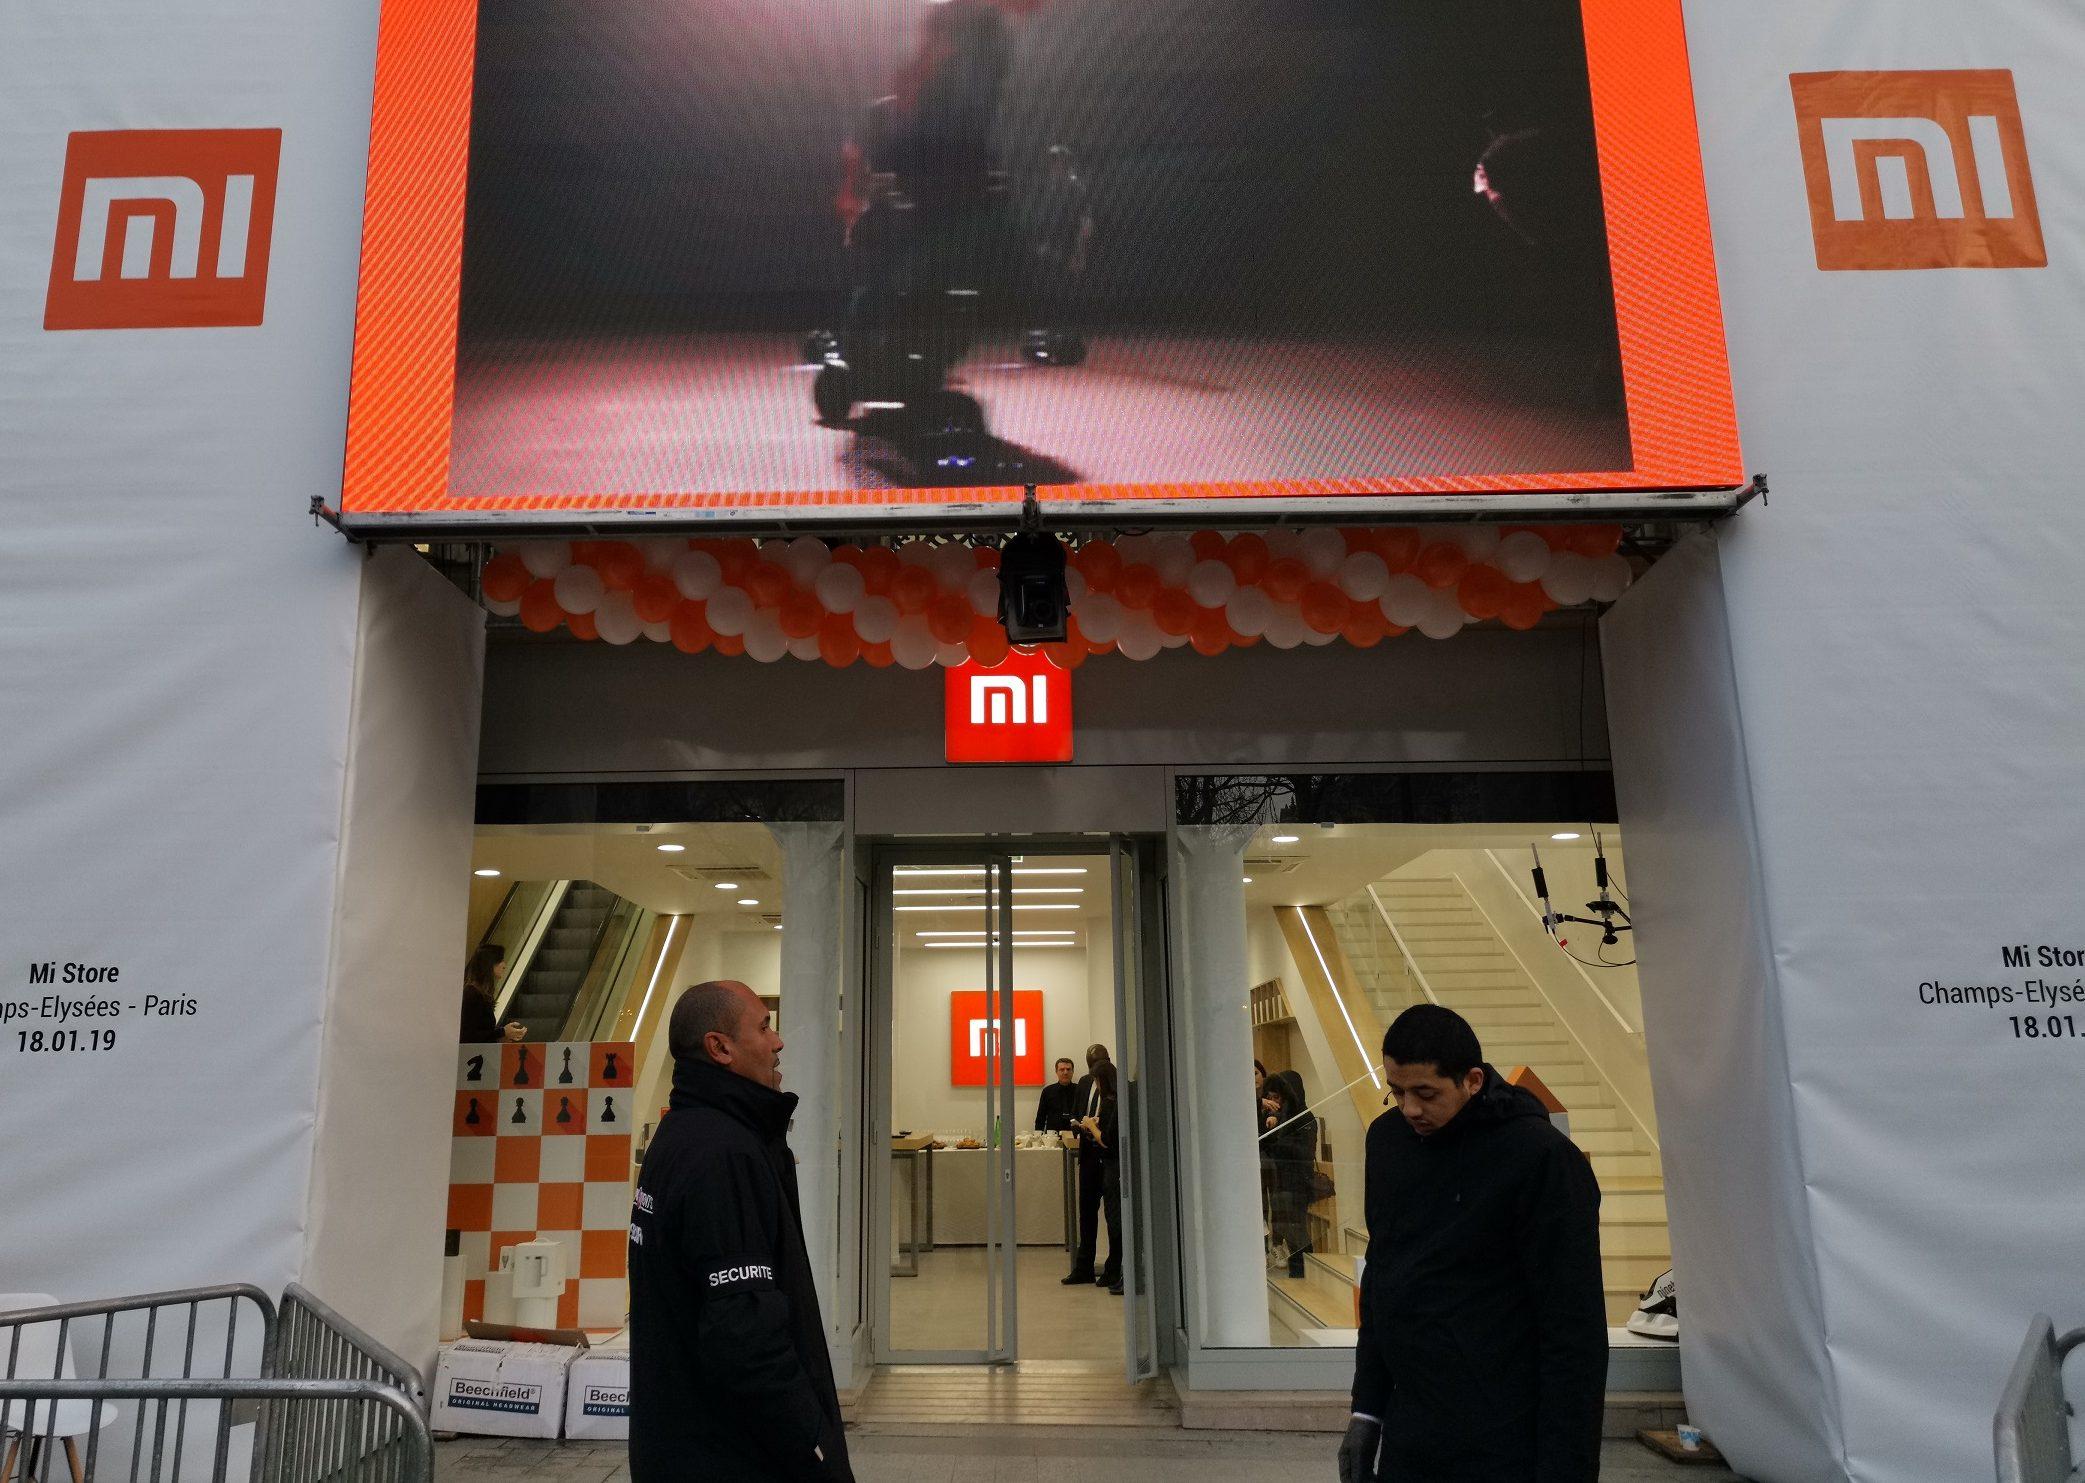 Découverte en avant-première du Mi Store des Champs-Élysées